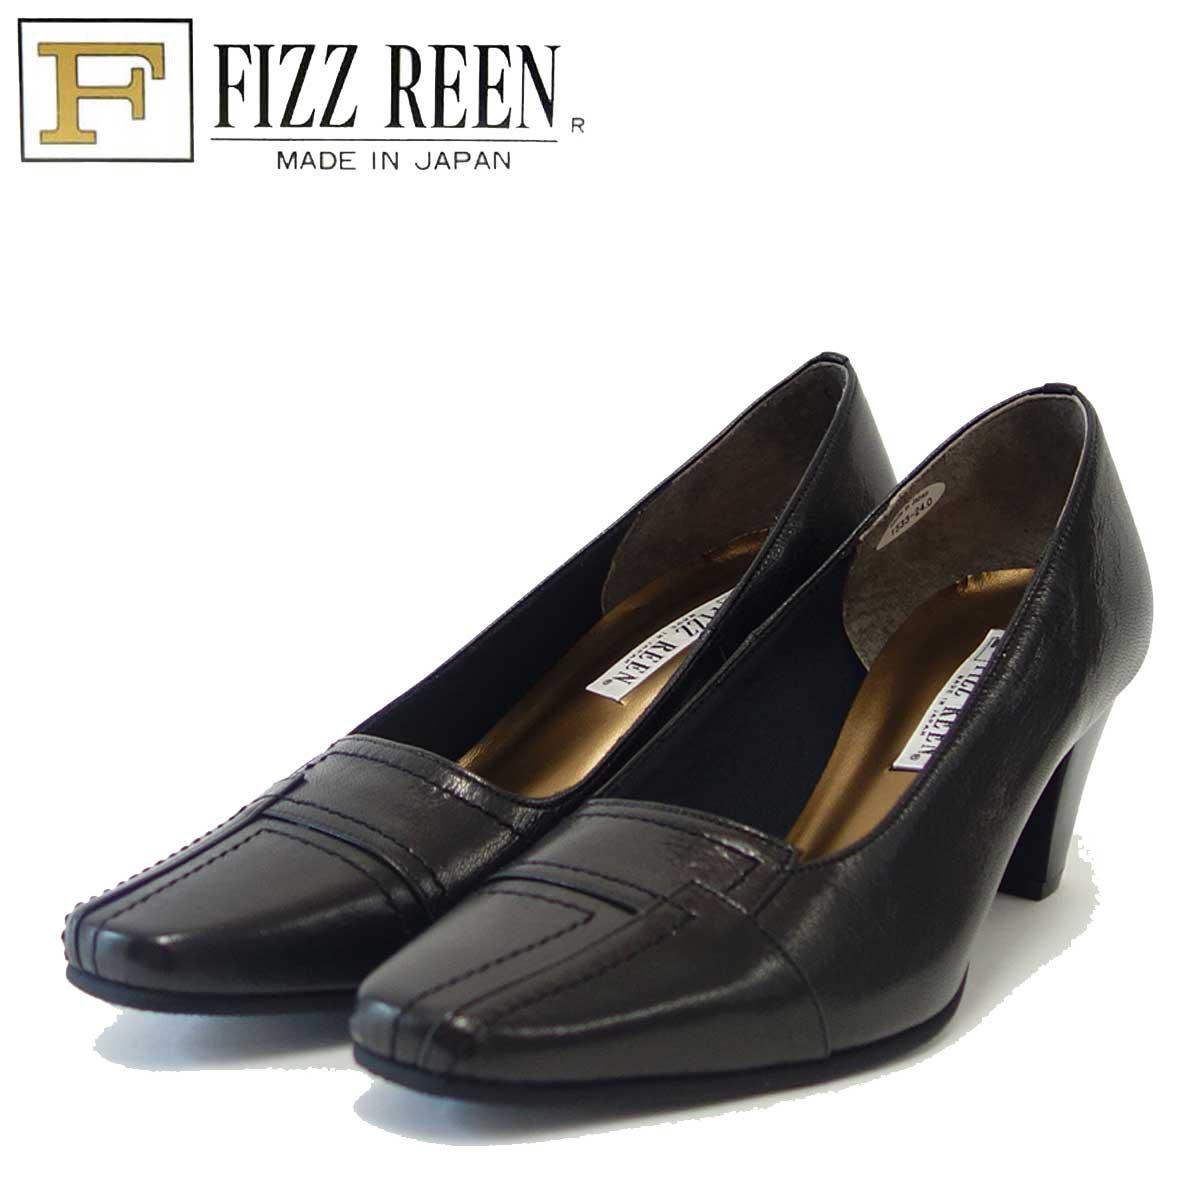 足に優しい快適EEEパンプス【FIZZ REEN フィズリーン】1533 ブラック(レディース)ソフトな天然皮革で優しくフィット『靴』